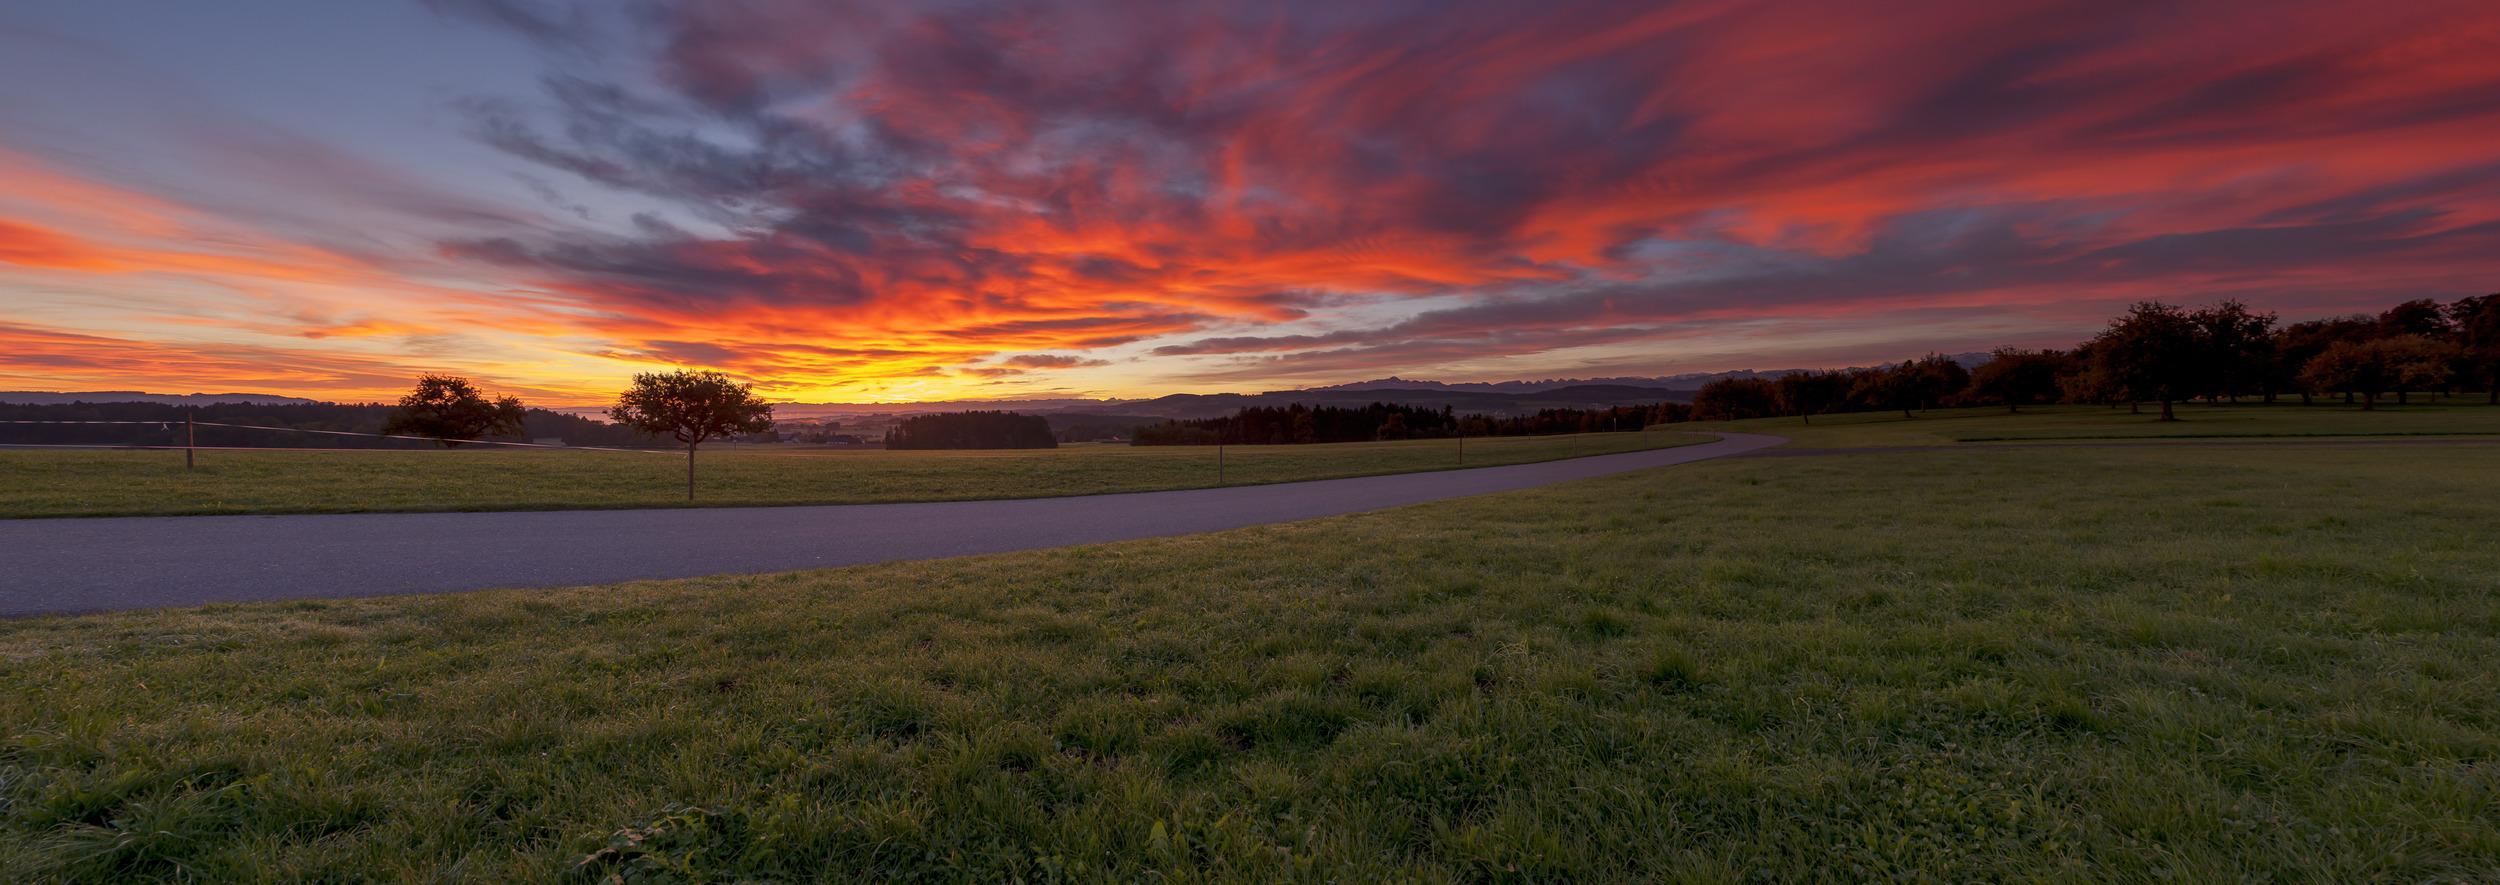 FARBENES ALPENPANORAMA - Schöne Landschaft Bilder kaufen | Stimmungs Foto als Fineart by Stefan Somogyi Fotografie